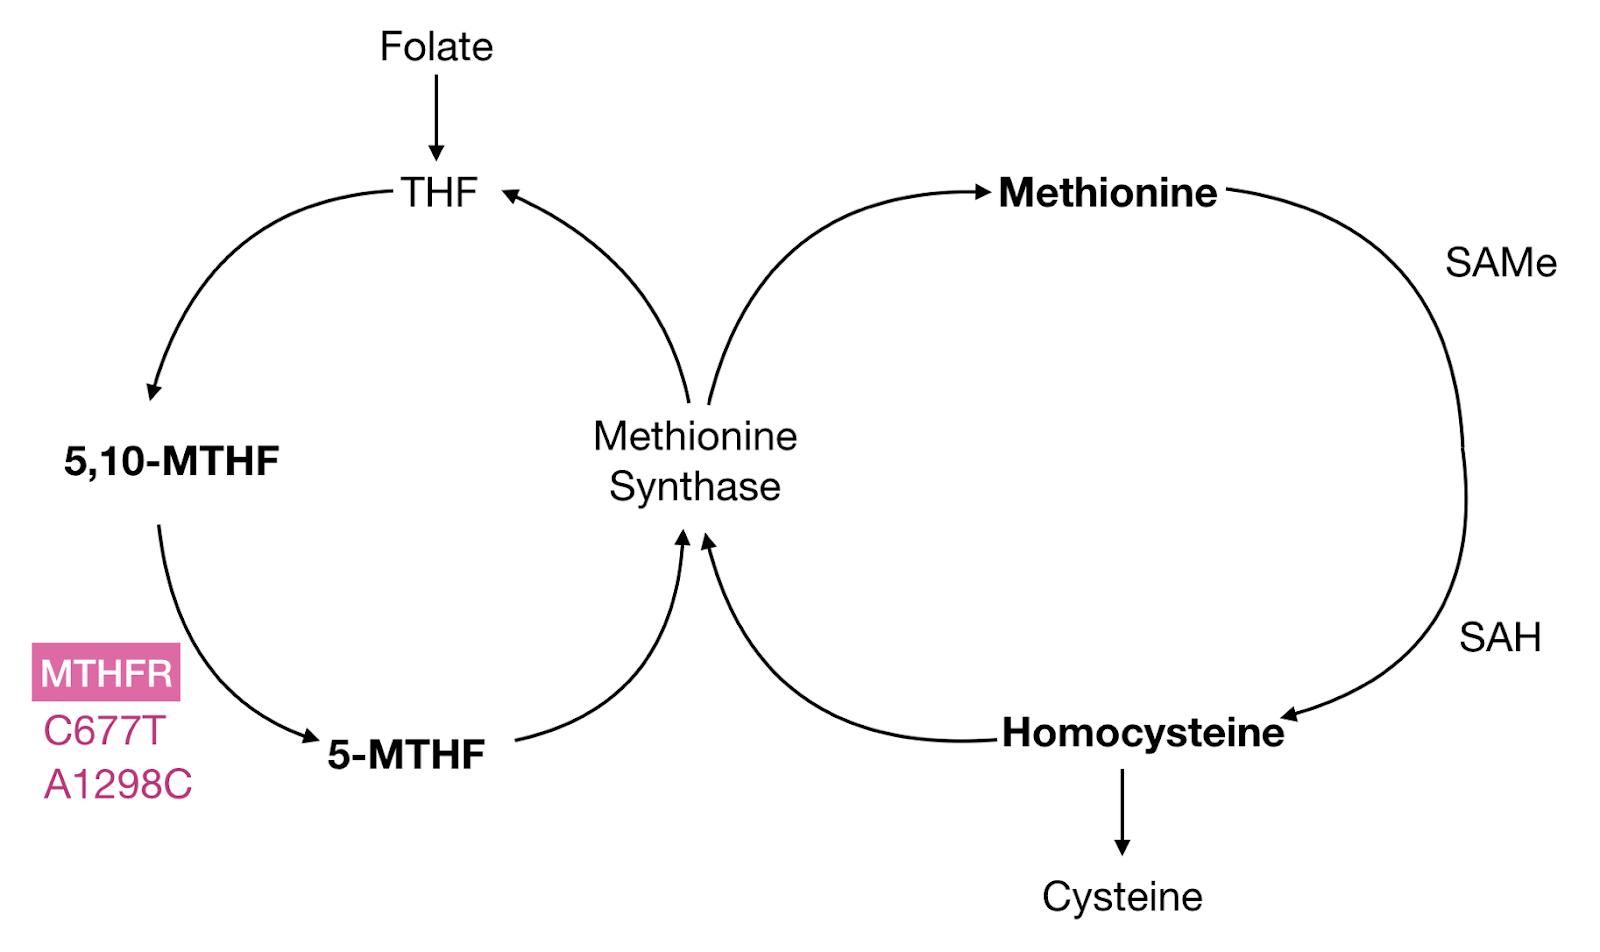 ينتج MTHFR 5-MTHF ، وهو الشكل الأساسي النشط بيولوجيًا من حمض الفوليك.